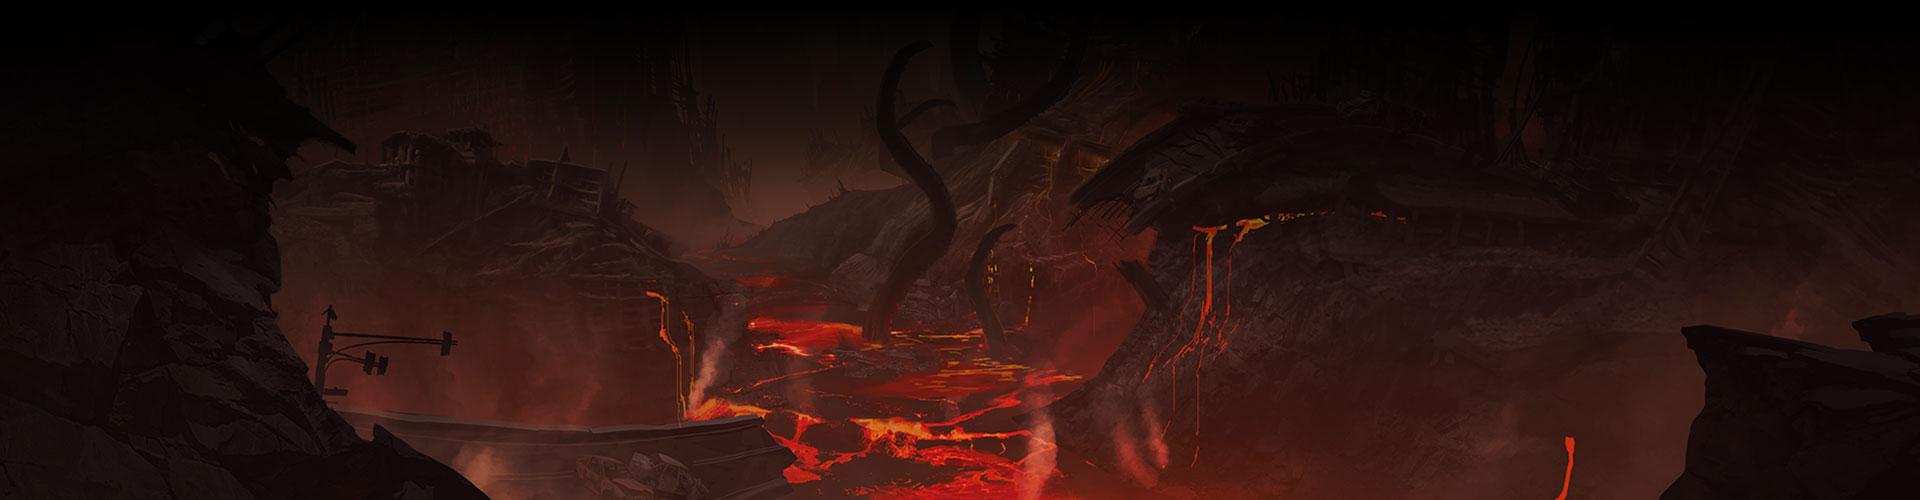 Een verwoeste brug en gebouwen met lava.